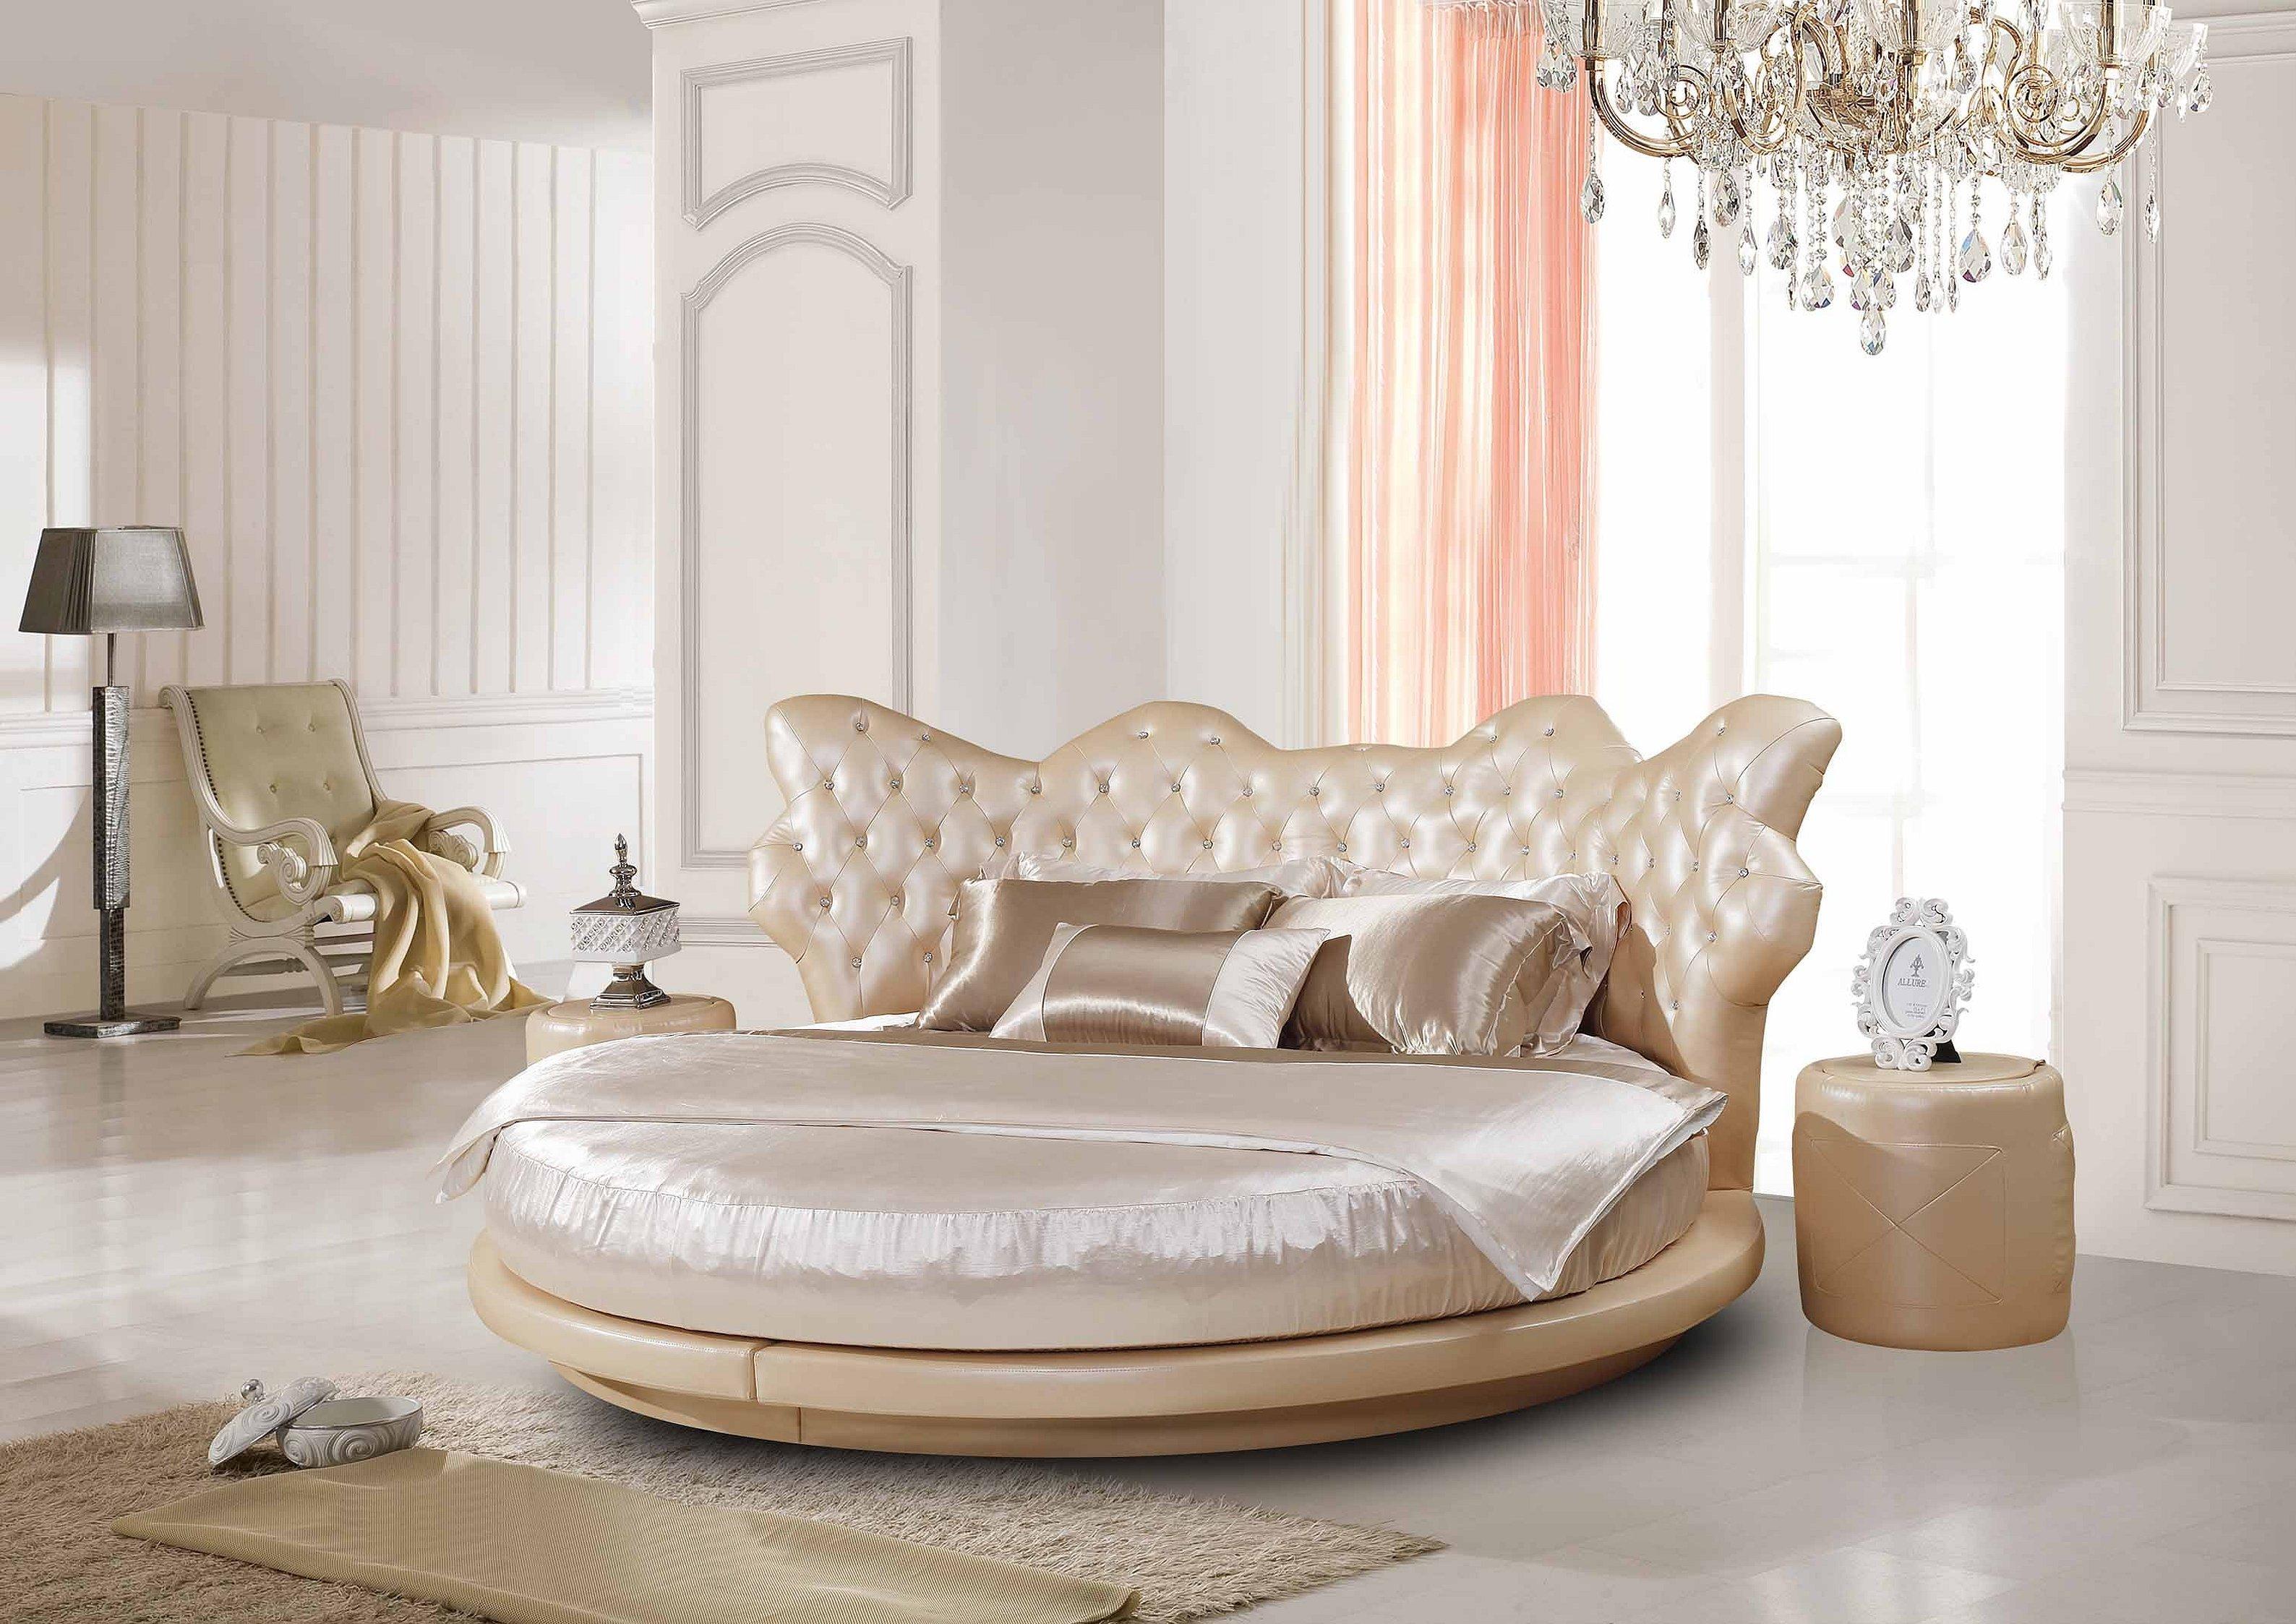 Круглая итальянская кровать в классическом стиле